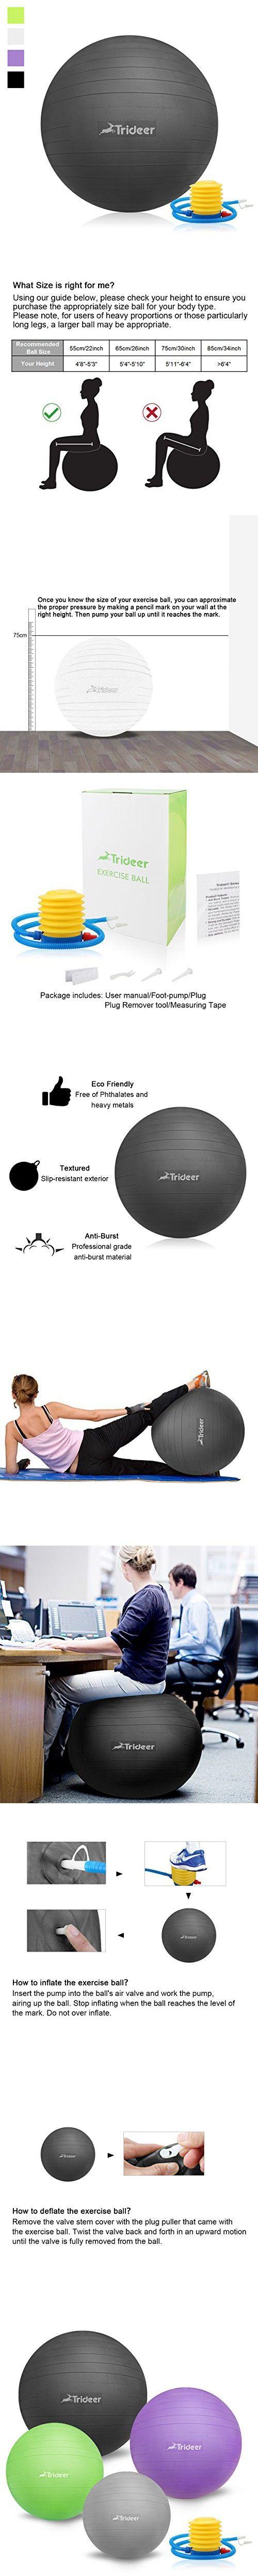 Pilates malibu chair buy malibu chair pilates combo - Trideer 2000lbs Anti Burst Fitness Ball Exercise Ball Body Balance Balancing Yoga Pilates